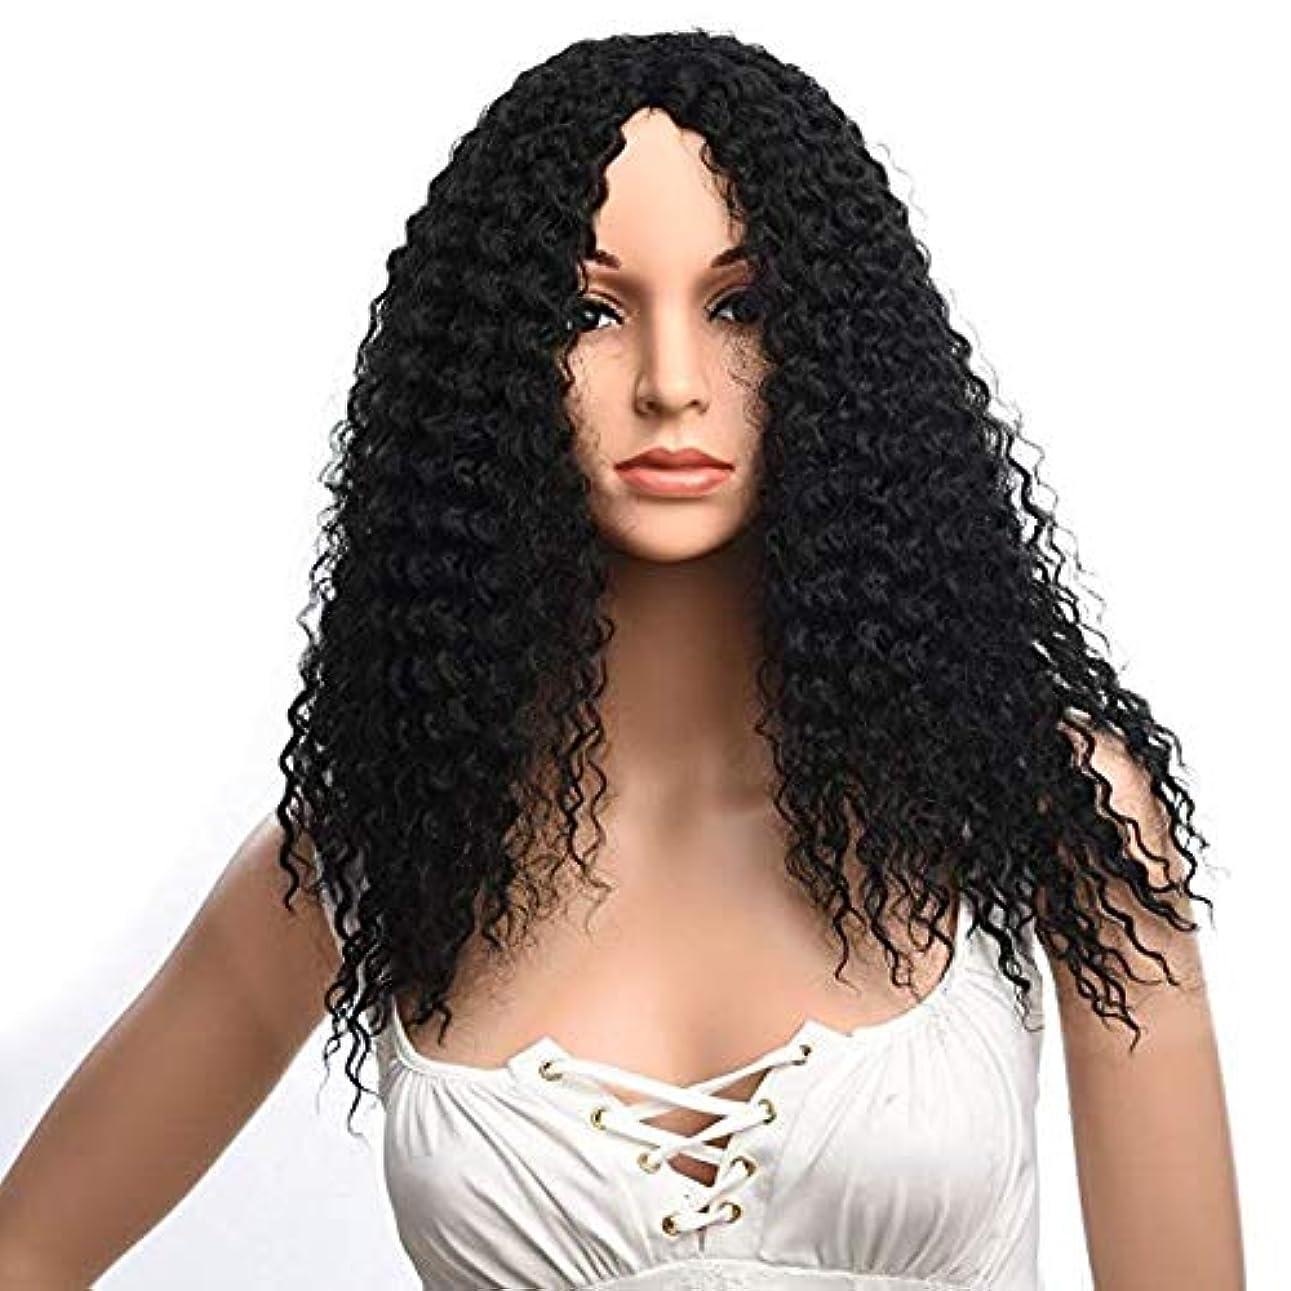 療法誤解させるレギュラー女性の肩短い髪ふわふわ高温シルクファッションかつら